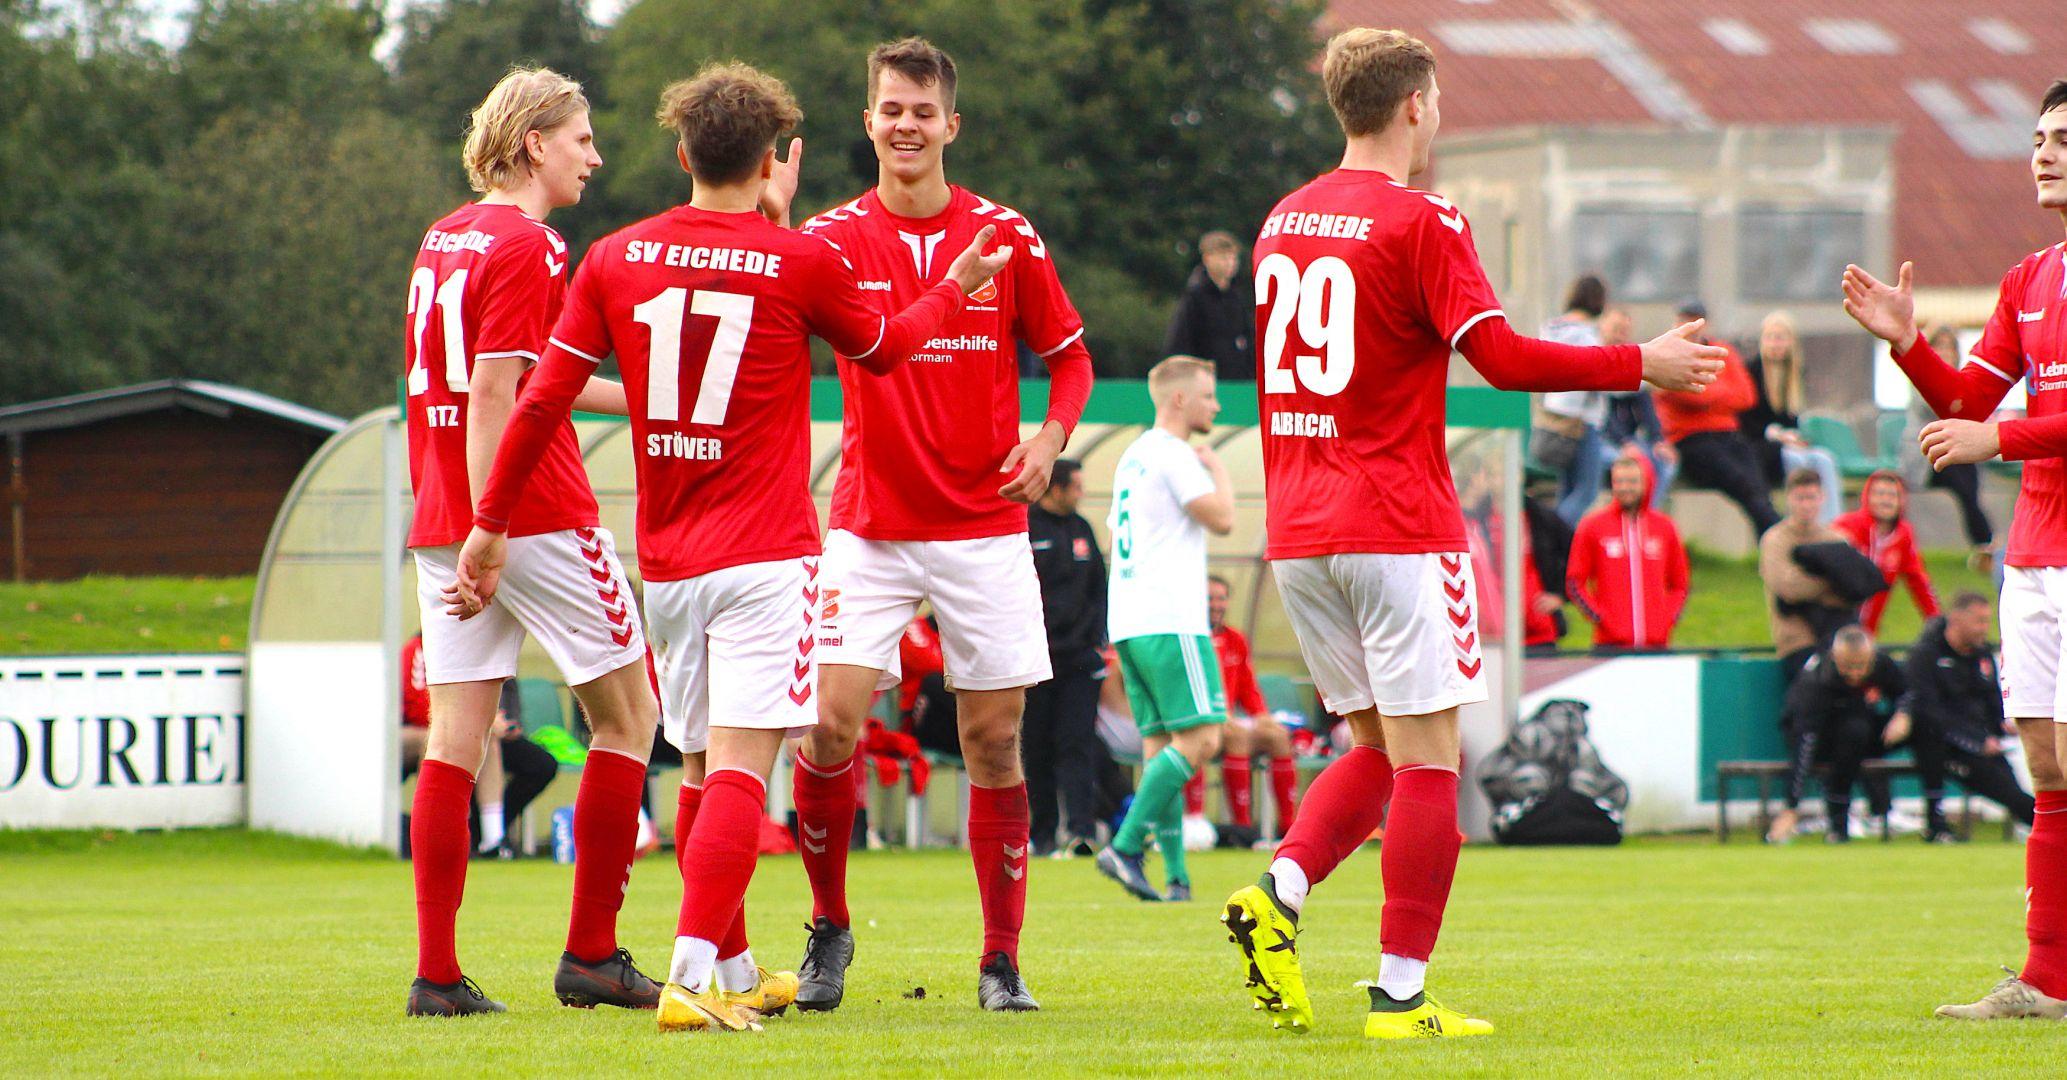 Souveränes 3:0 in Neumünster: SV Eichede überzeugt auch ohne Bestbesetzung